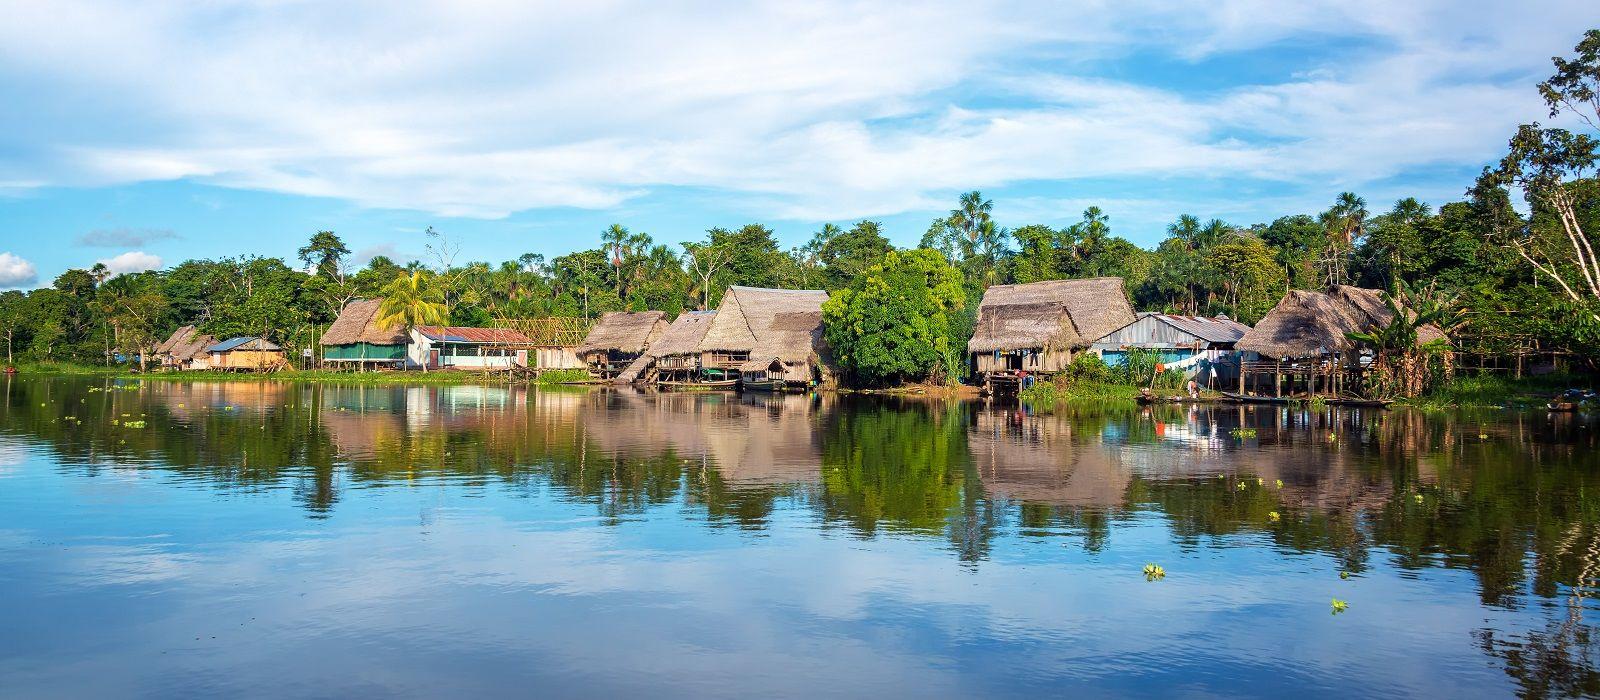 Destination Iquitos Peru